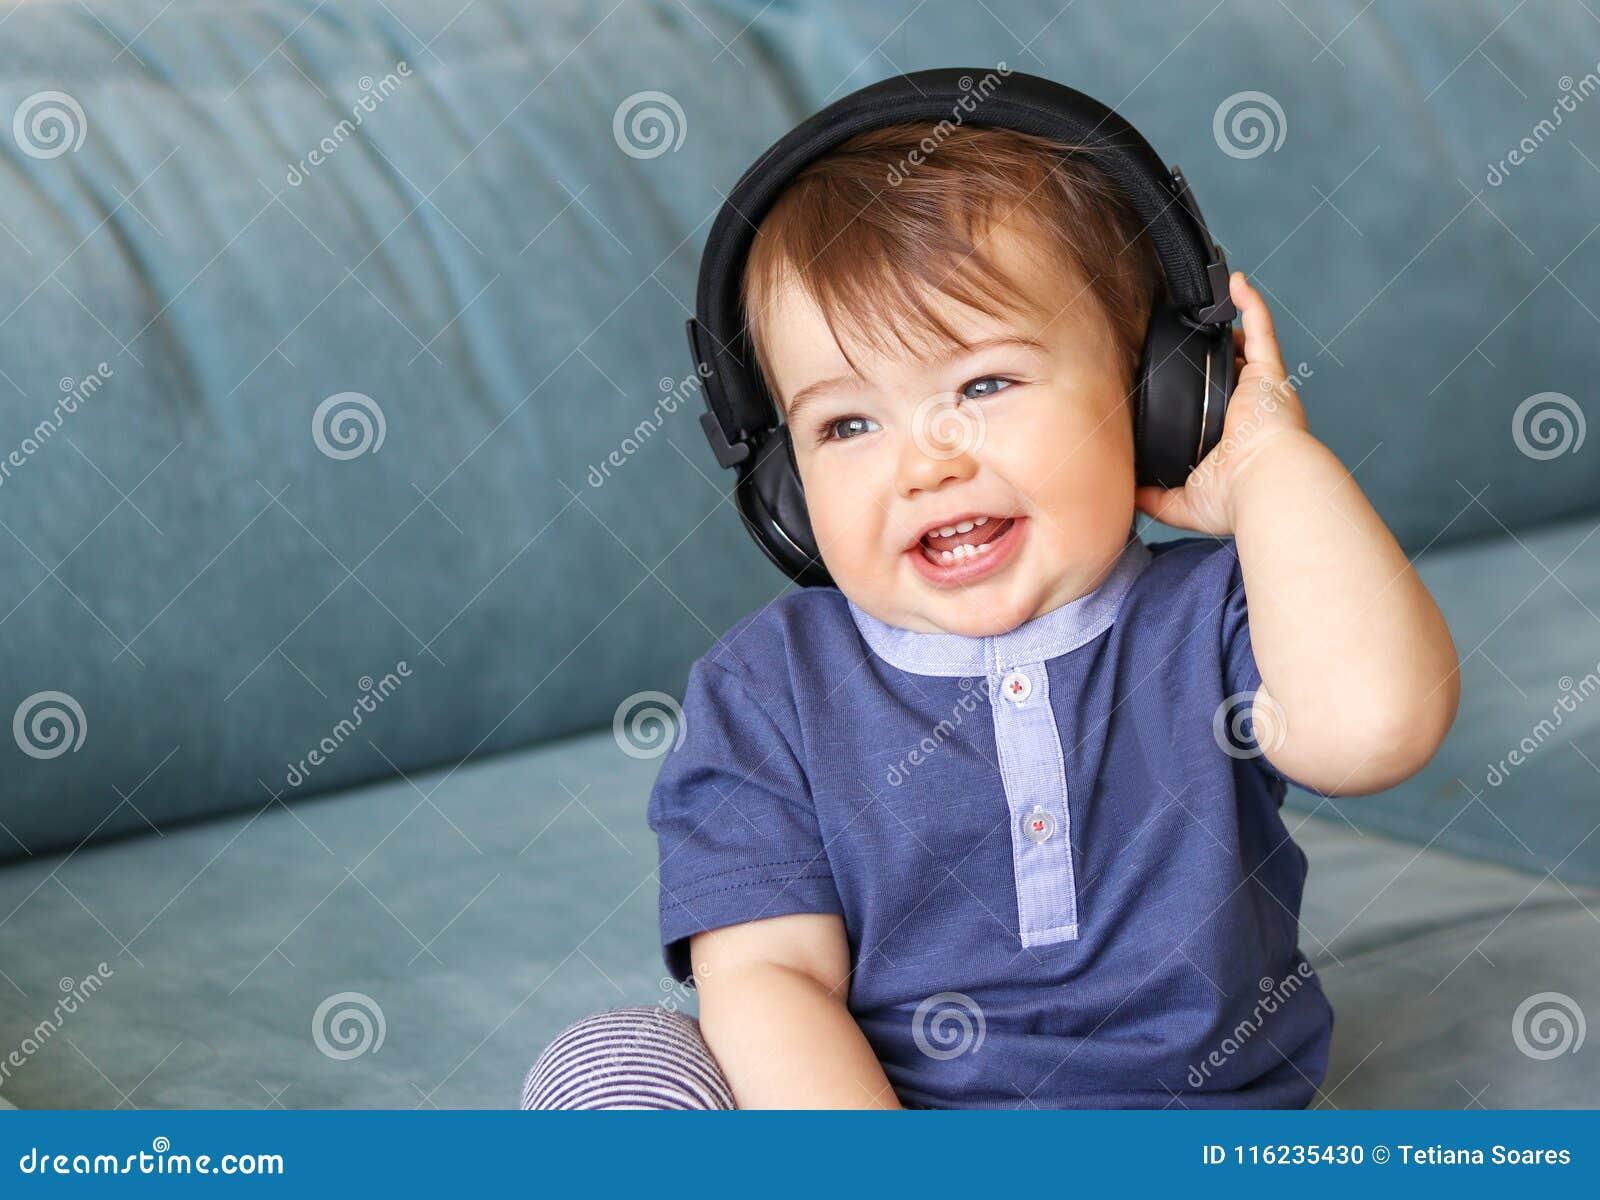 Λατρευτός λίγο αγοράκι που ακούει τη μουσική στα ακουστικά στην επικεφαλής συνεδρίασή του στον μπλε καναπέ στο σπίτι